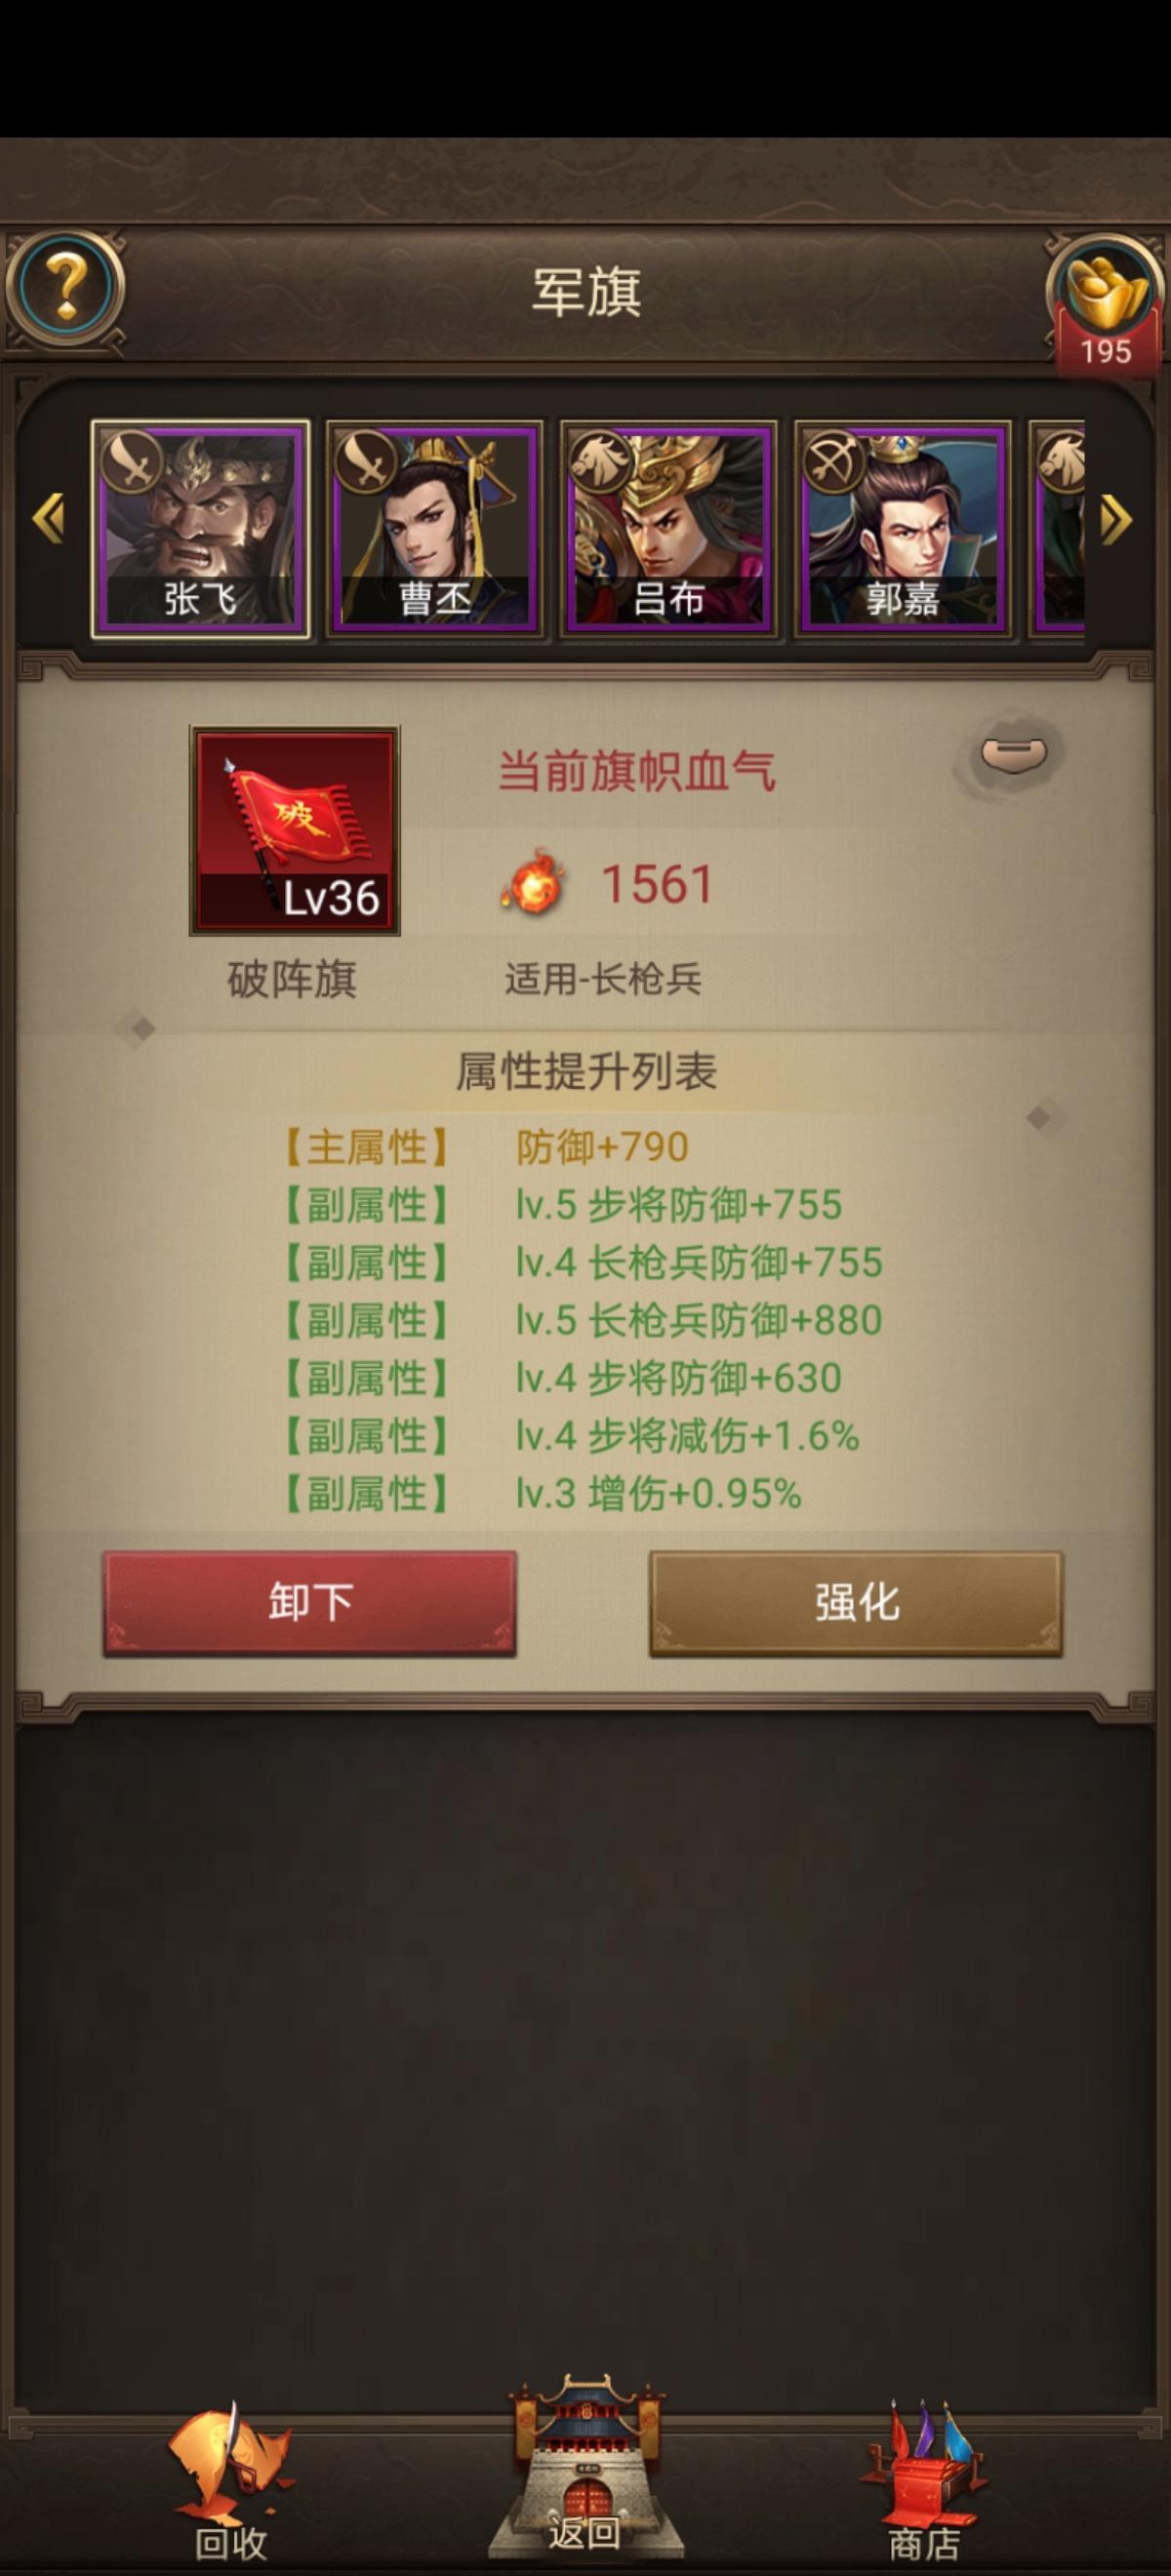 Screenshot_20200428_235217_juedi.tatuyin.rxsg.huawei.jpg